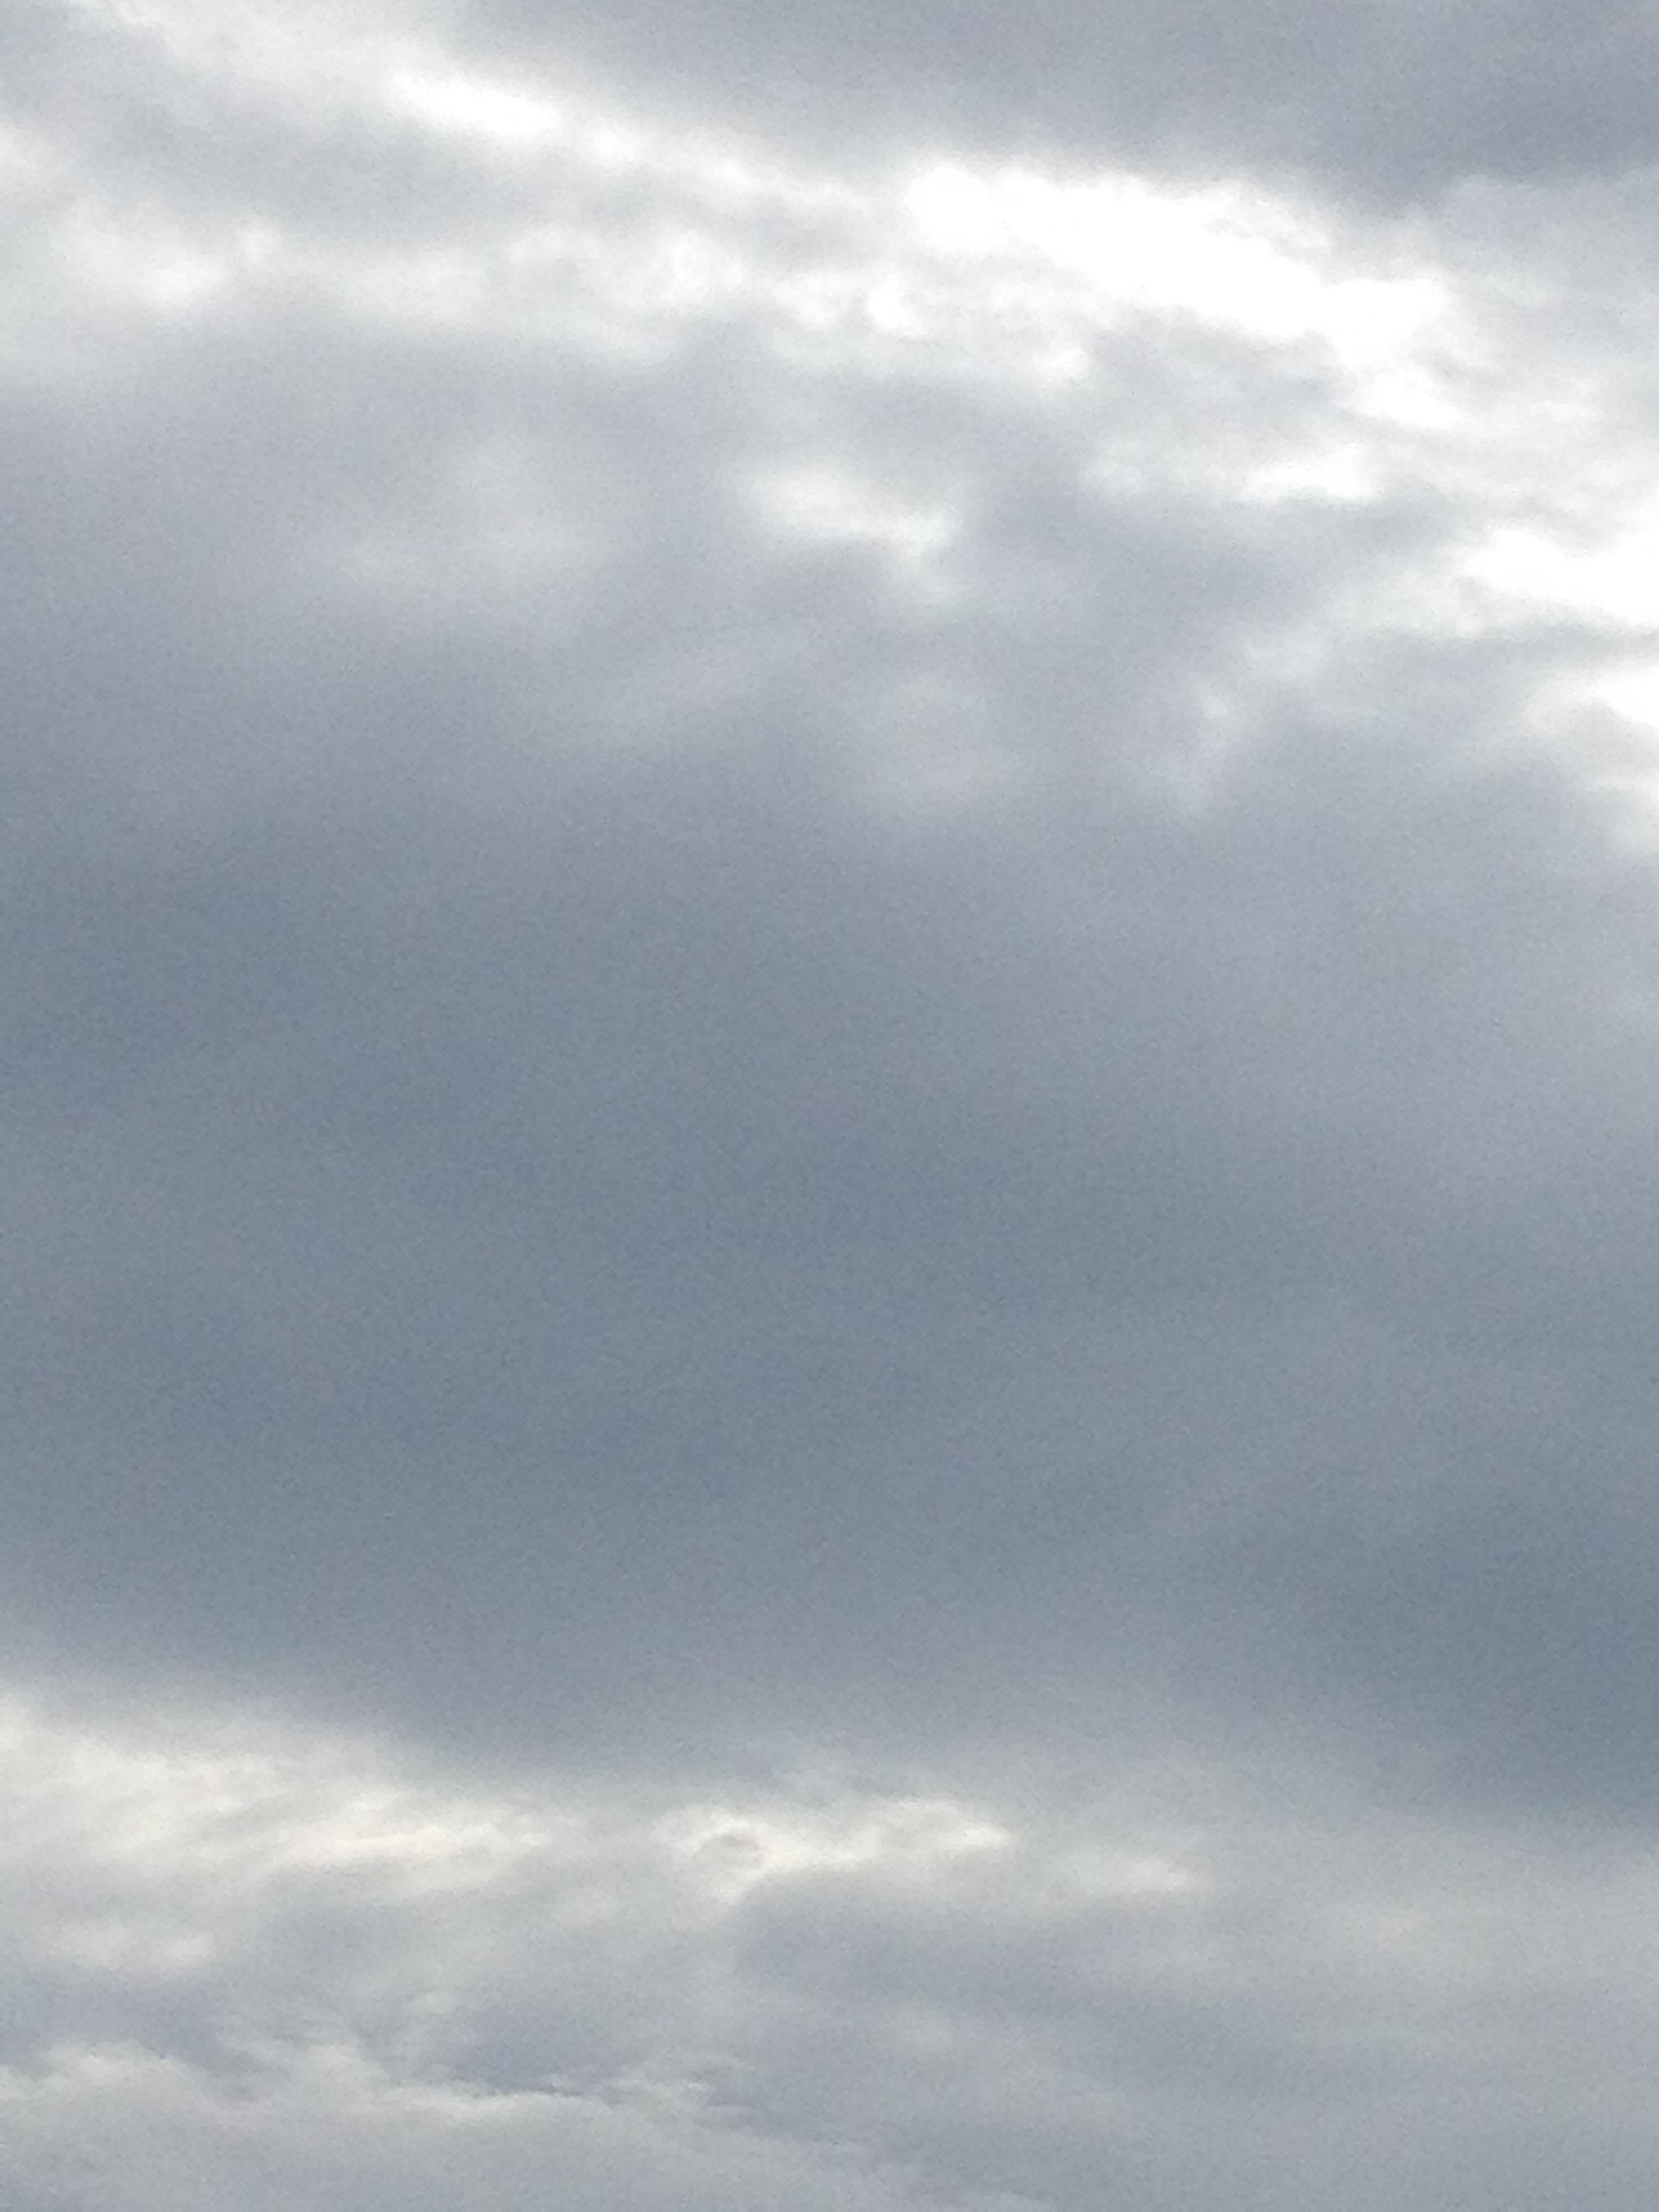 雲の隙間の陽の光